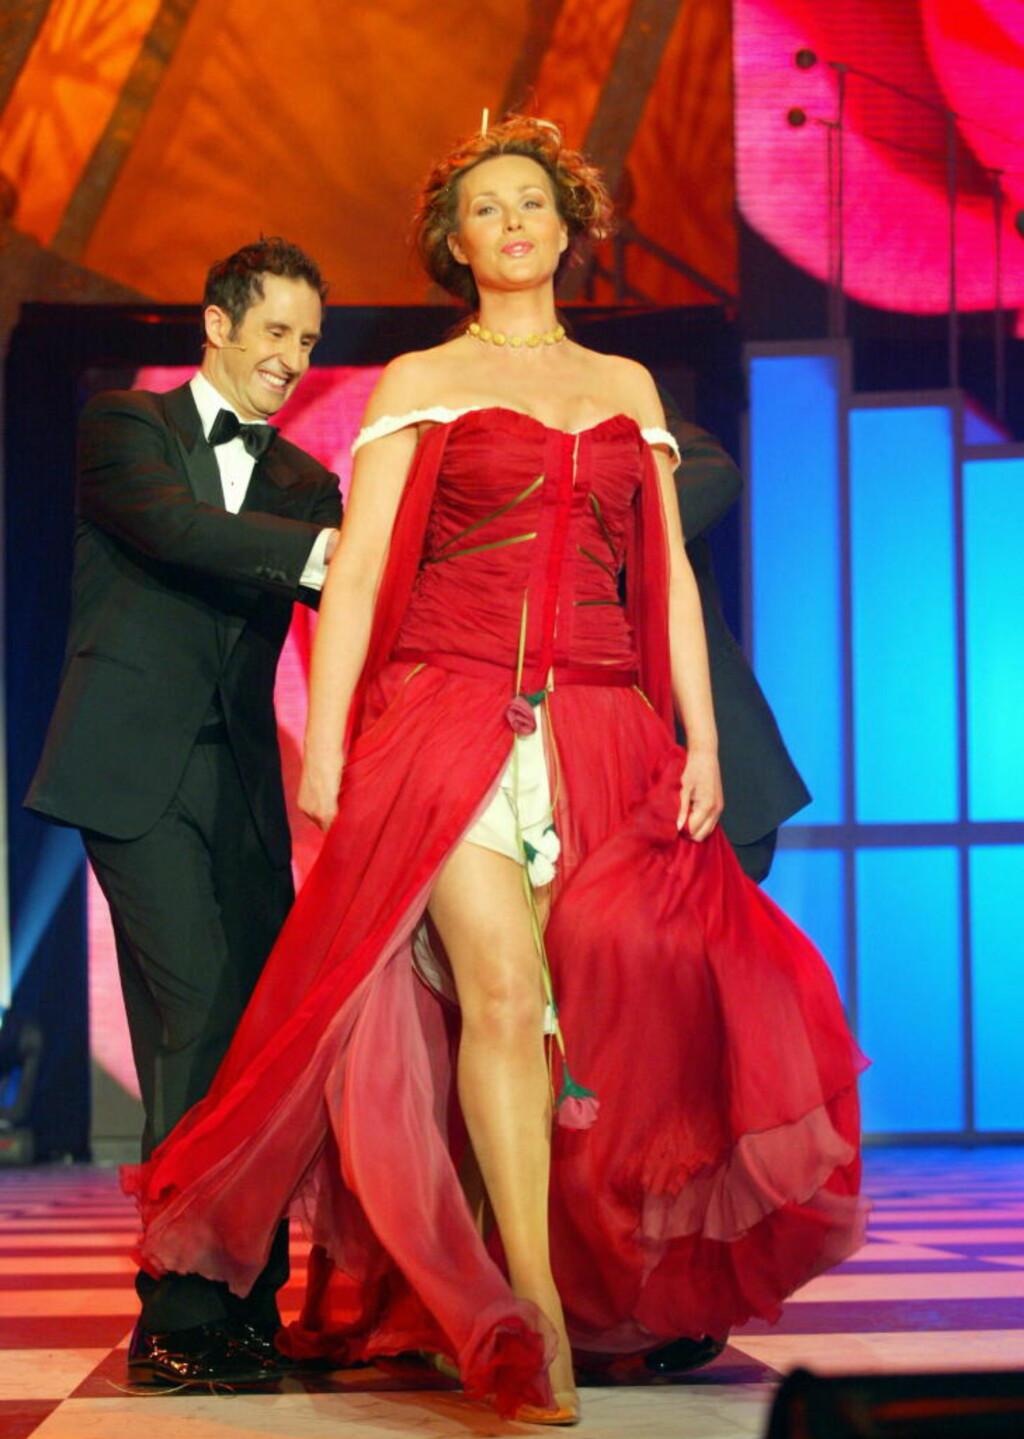 2003:  Harald Rønneberg rev den røde kappen av Dorthe Skappel, og tilbake sto hun i bare undertøyet med blomster hengende rundt halsen på bohemsk vis. Foto:Oddmund Lunde/Dagbladet